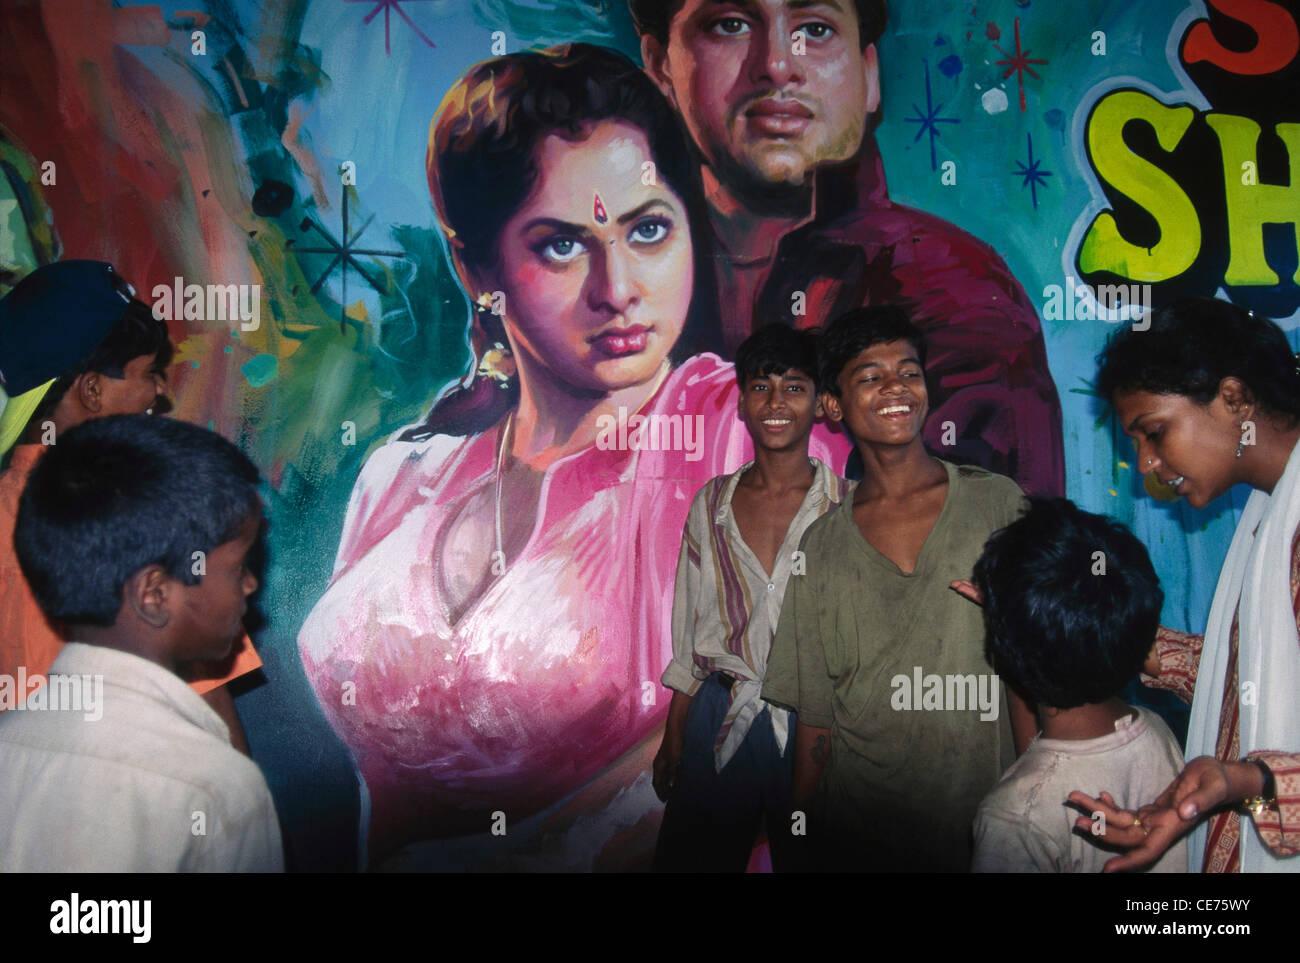 SOA 84695 : Los niños de la calle en India delante del póster de Bollywood Bombay Bombay india Imagen De Stock